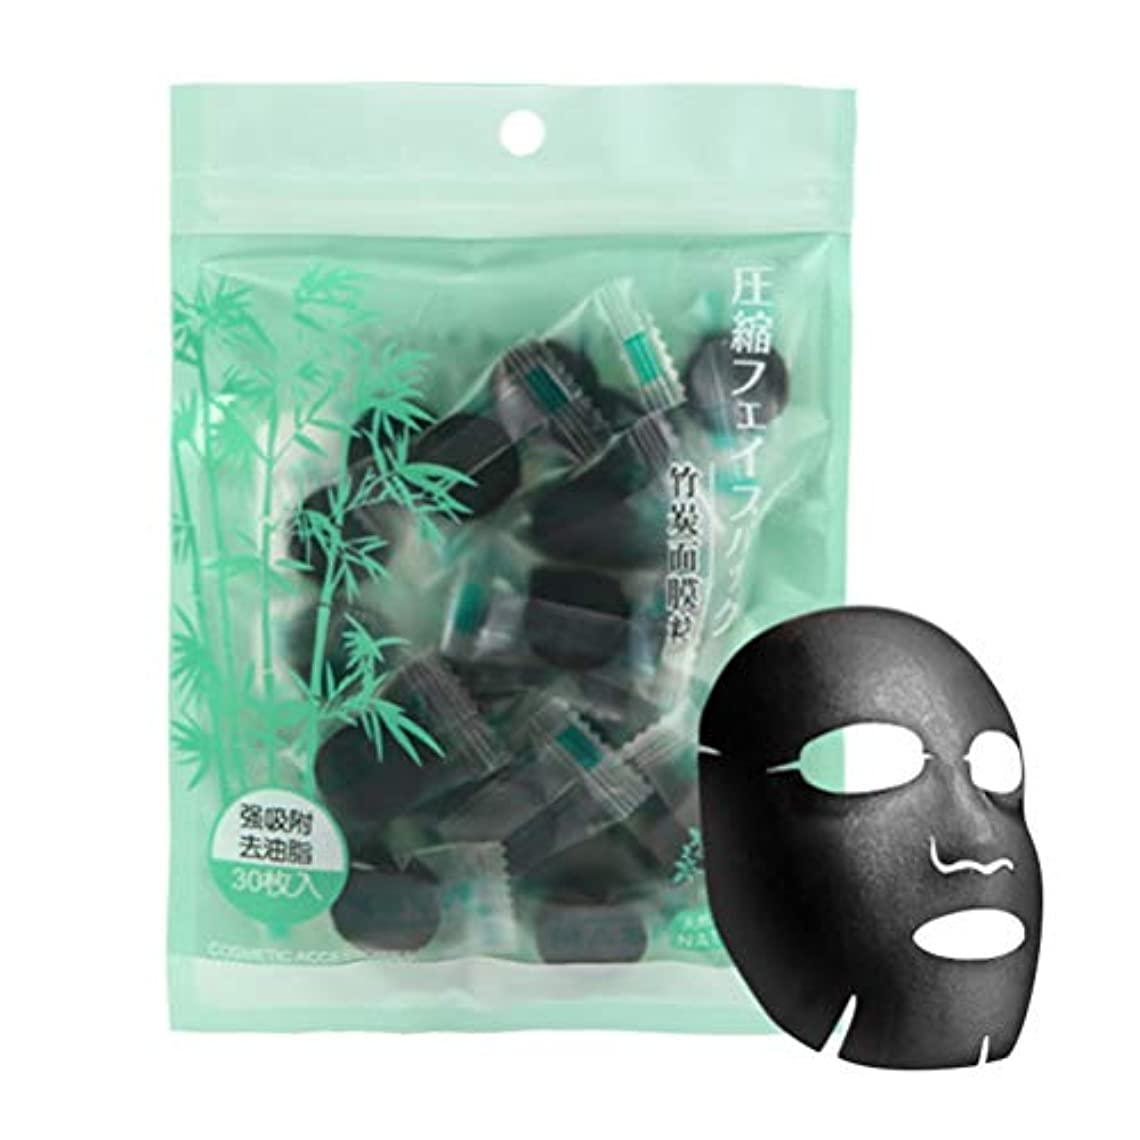 仕える好意的過激派HEALLILY 30ピース使い捨てフェイシャルマスクDIY天然竹炭圧縮フェイシャルマスクシートスキンケアマスク